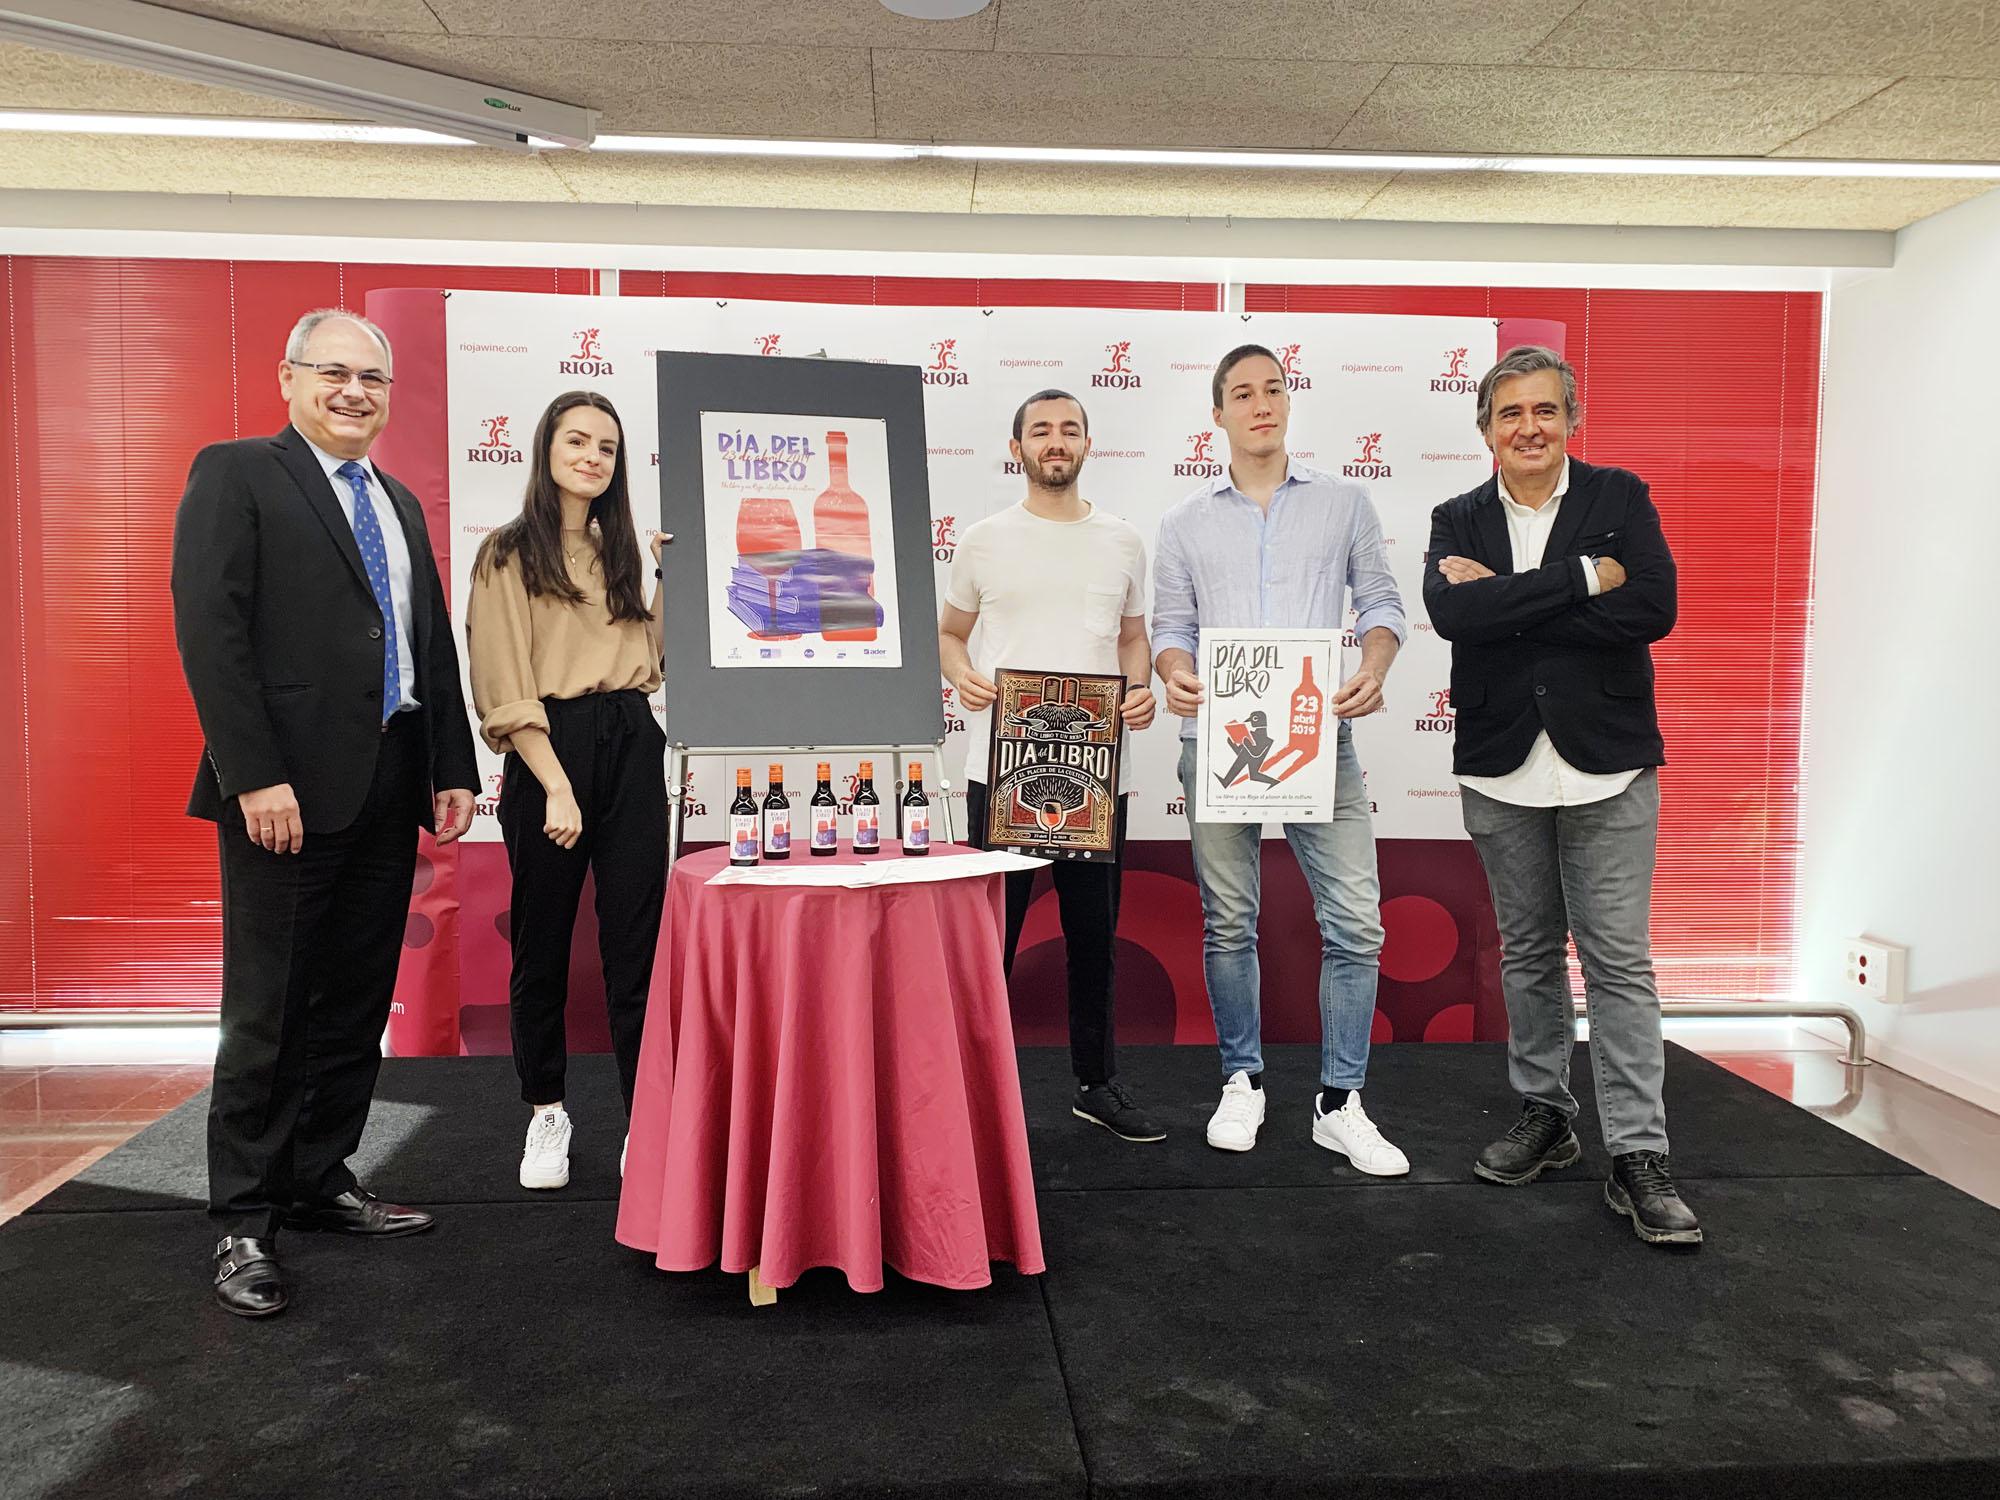 Leyre Chordá 1er premio en el concurso del Día del libro.